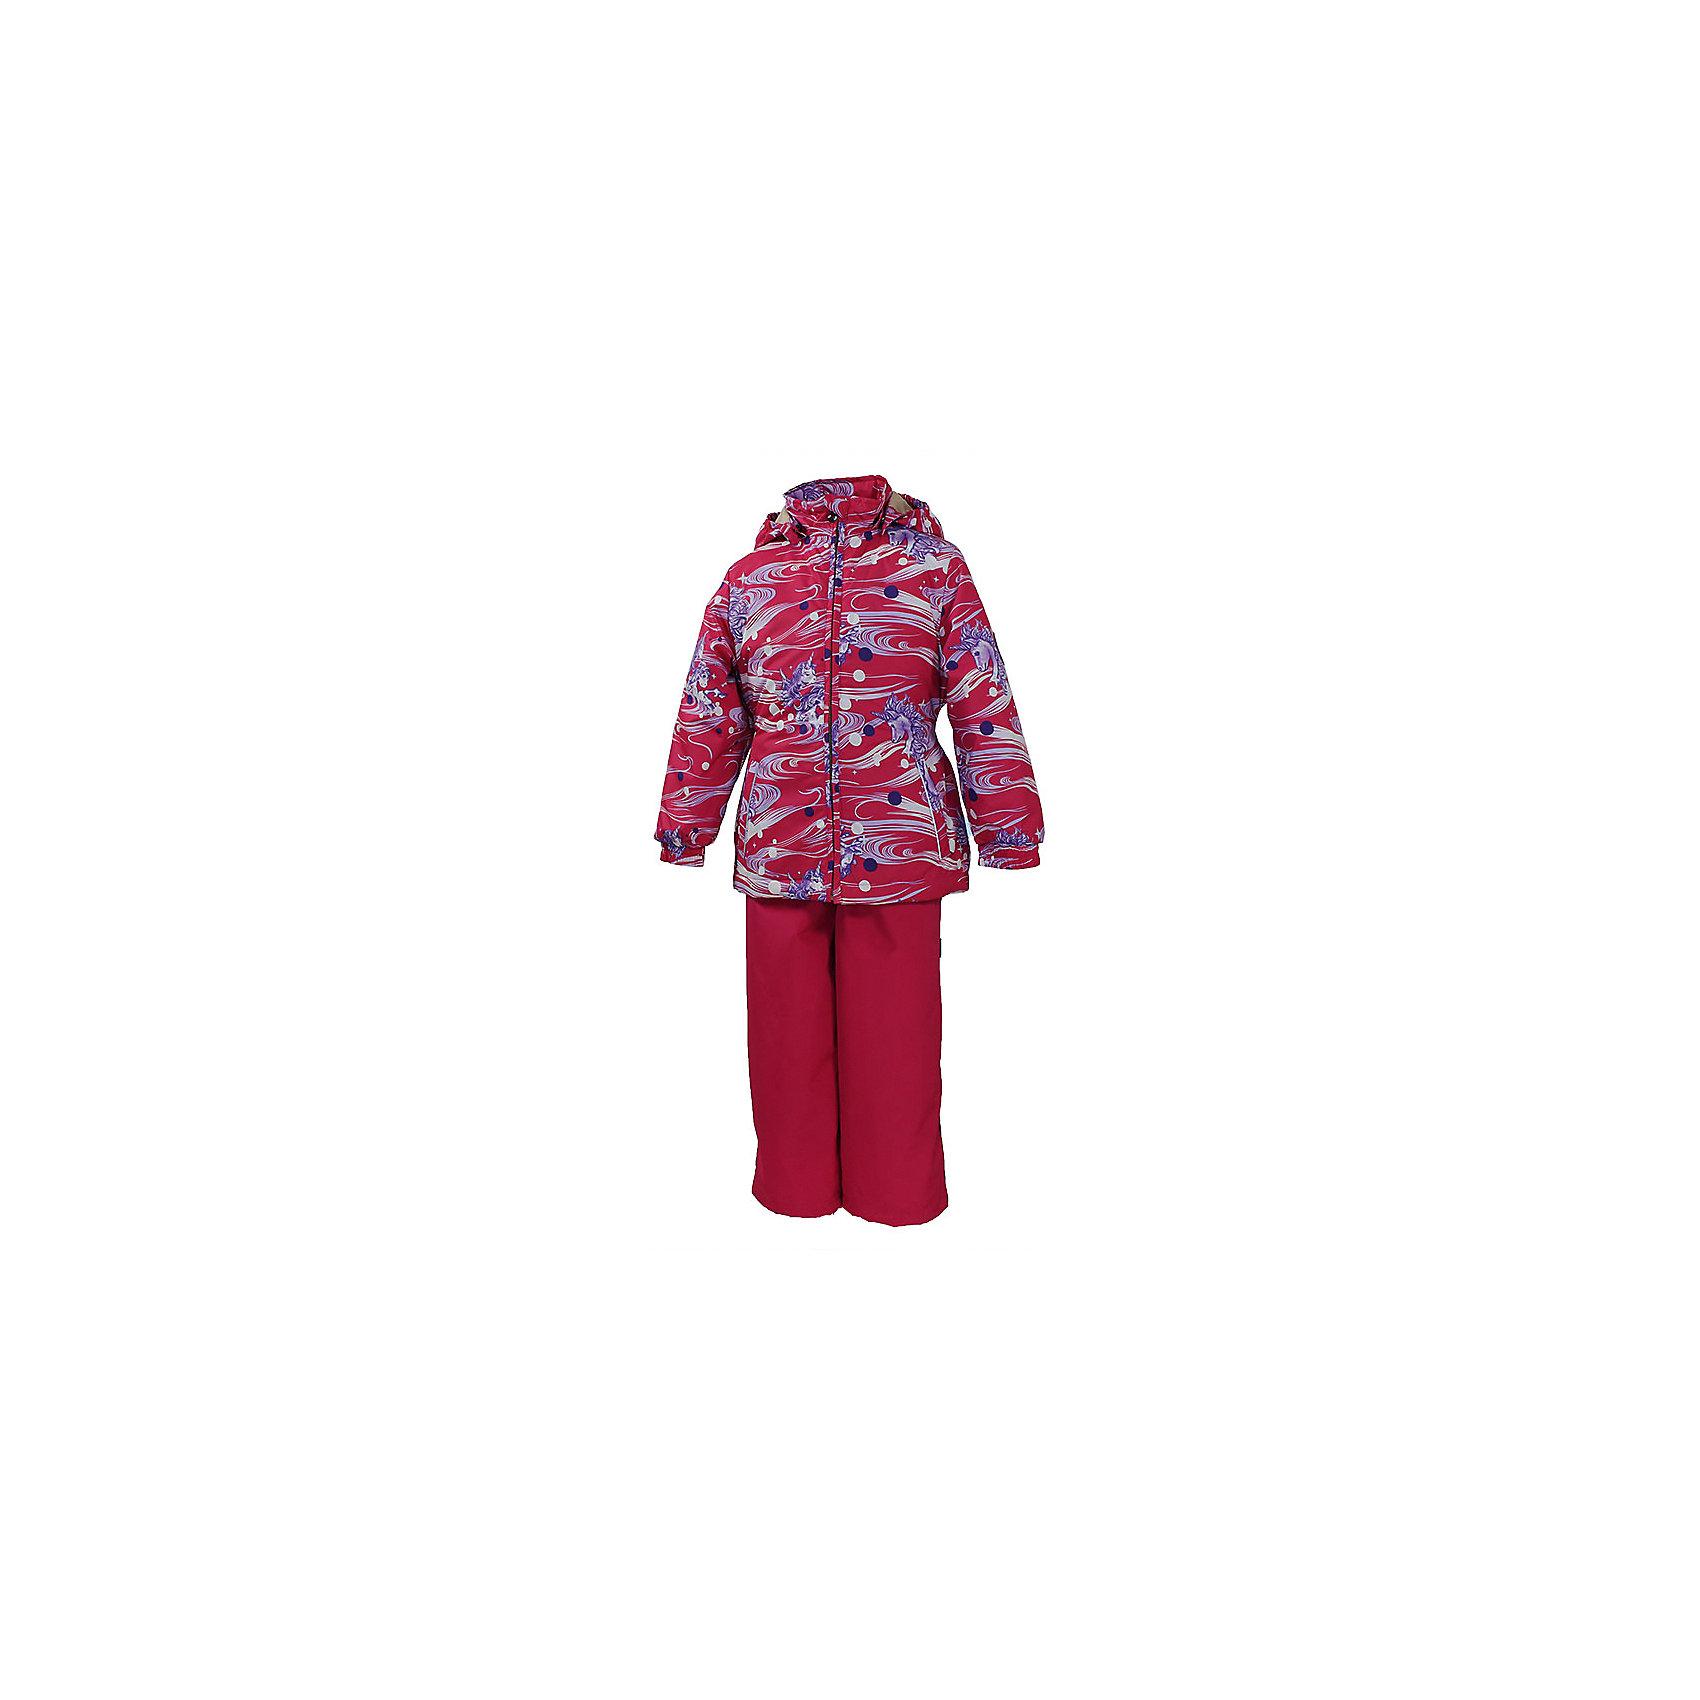 Комплект: куртка и полукомбинезон для девочки YONNE HuppaХарактеристики товара:<br><br>• цвет: фуксия принт/фуксия<br>• комплектация: куртка и полукомбинезон <br>• ткань: 100% полиэстер<br>• подкладка: тафта - 100% полиэстер<br>• утеплитель: куртка и полукомбинезон - 100% полиэстер 100 г.<br>• температурный режим: от -5°С до +10°С<br>• водонепроницаемость: верх - 5000 мм, низ - 10000 мм<br>• воздухопроницаемость: верх - 5000 мм, низ - 10000 мм<br>• светоотражающие детали<br>• шов сидения проклеен<br>• съёмный капюшон с резинкой<br>• защита подбородка от молнии<br>• эластичные манжеты на рукавах<br>• регулируемый низ брючин<br>• эластичный шнур с фиксатором внизу брючин<br>• без внутренних швов<br>• резиновые подтяжки<br>• коллекция: весна-лето 2017<br>• страна бренда: Эстония<br><br>Такой модный демисезонный комплект  обеспечит детям тепло и комфорт. Он сделан из материала, отталкивающего воду, и дополнен подкладкой с утеплителем, поэтому изделие идеально подходит для межсезонья. Материал изделий - с мембранной технологией: защищая от влаги и ветра, он легко выводит лишнюю влагу наружу. Комплект очень симпатично смотрится. <br><br>Одежда и обувь от популярного эстонского бренда Huppa - отличный вариант одеть ребенка можно и комфортно. Вещи, выпускаемые компанией, качественные, продуманные и очень удобные. Для производства изделий используются только безопасные для детей материалы. Продукция от Huppa порадует и детей, и их родителей!<br><br>Комплект: куртка и полукомбинезон YONNE от бренда Huppa (Хуппа) можно купить в нашем интернет-магазине.<br><br>Ширина мм: 356<br>Глубина мм: 10<br>Высота мм: 245<br>Вес г: 519<br>Цвет: фиолетовый<br>Возраст от месяцев: 72<br>Возраст до месяцев: 84<br>Пол: Женский<br>Возраст: Детский<br>Размер: 122,86,92,98,104,110,116<br>SKU: 5346617